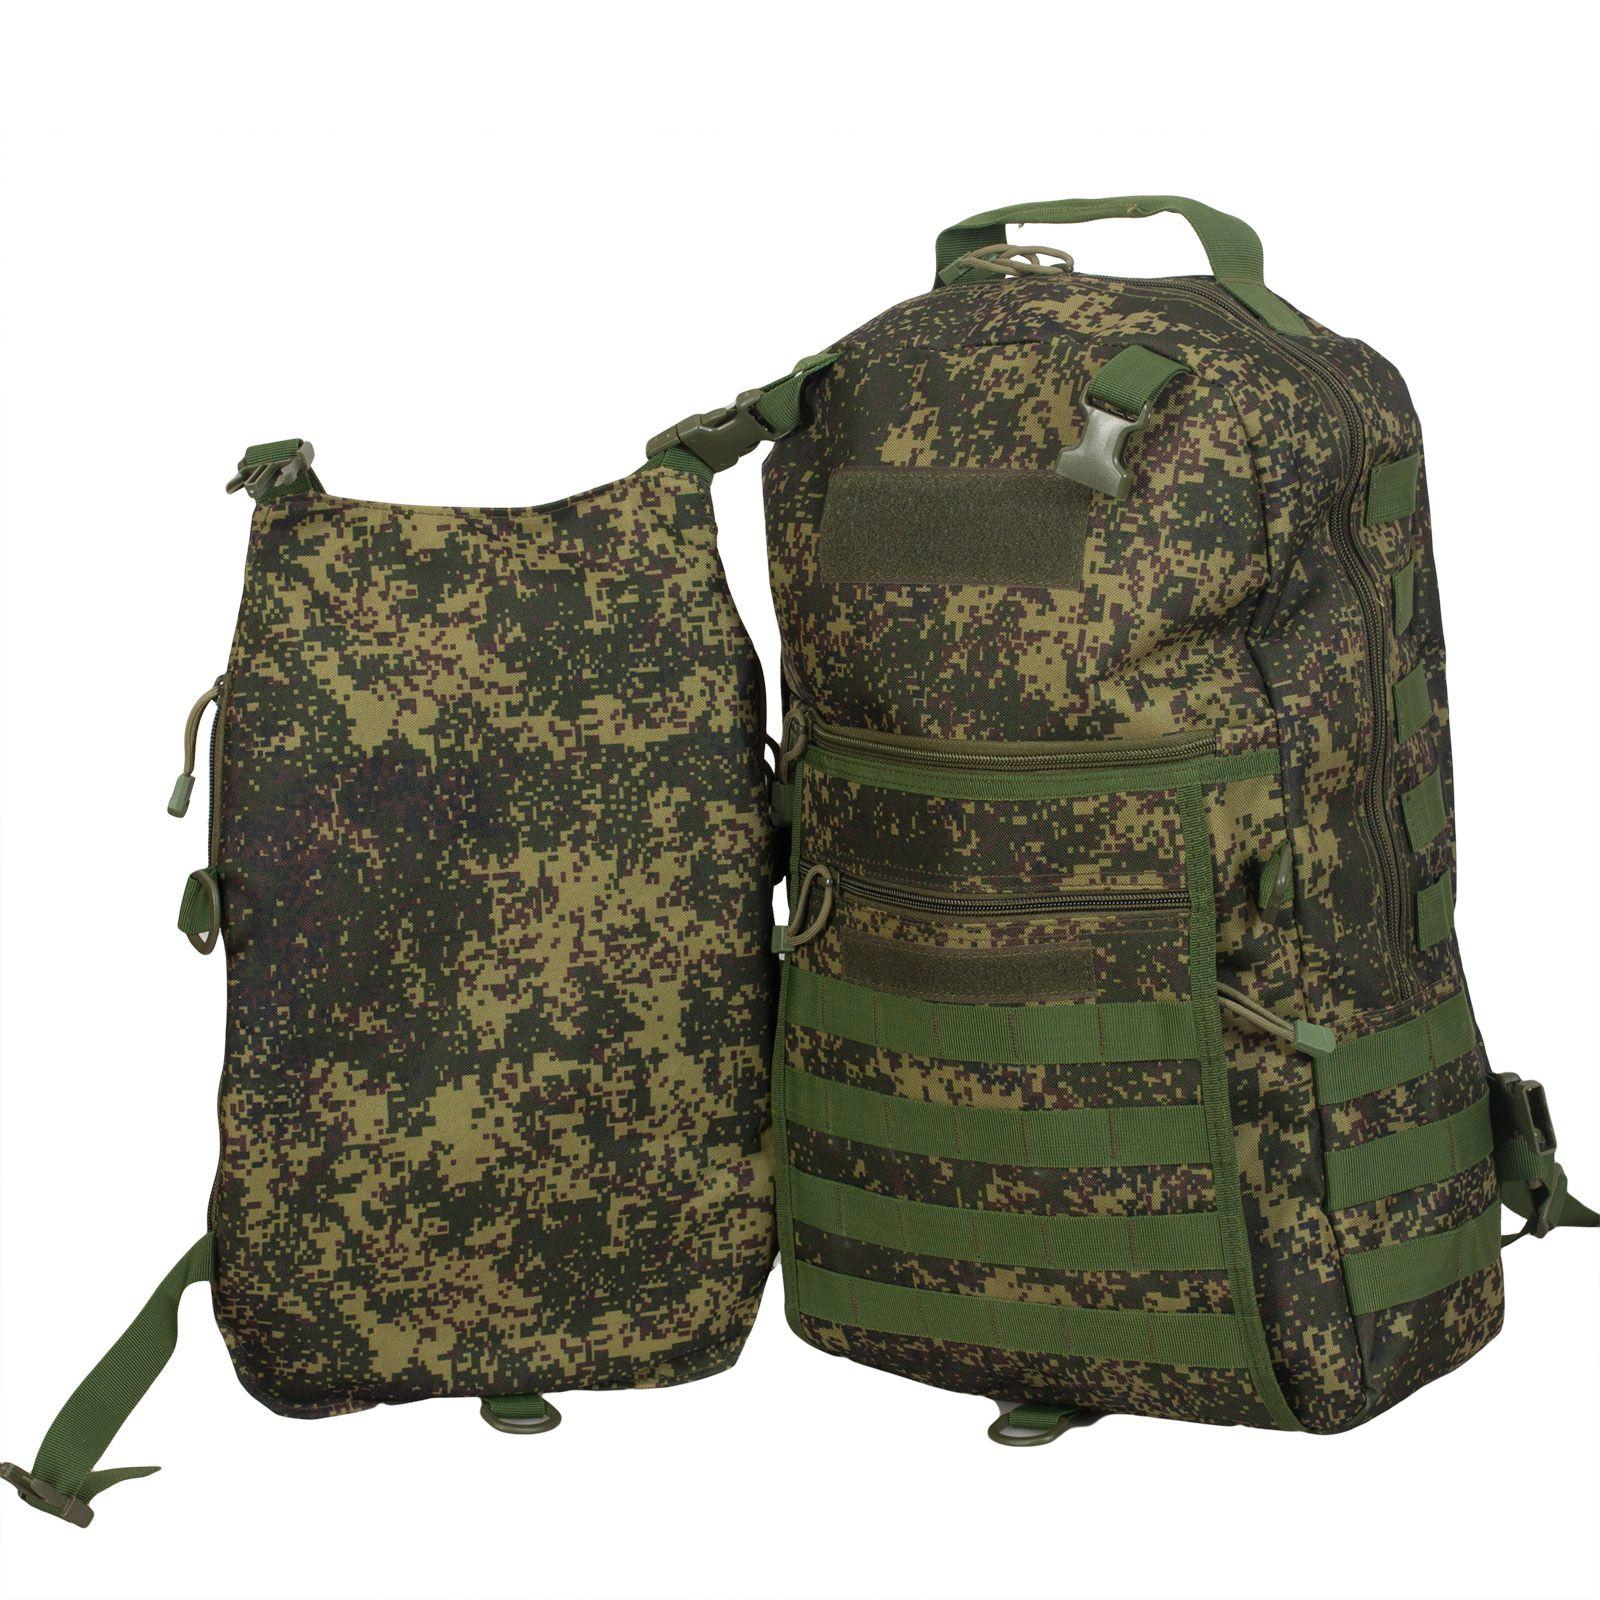 Надежный мужской рюкзак с нашивкой Ни Пуха ни Пера - купить оптом